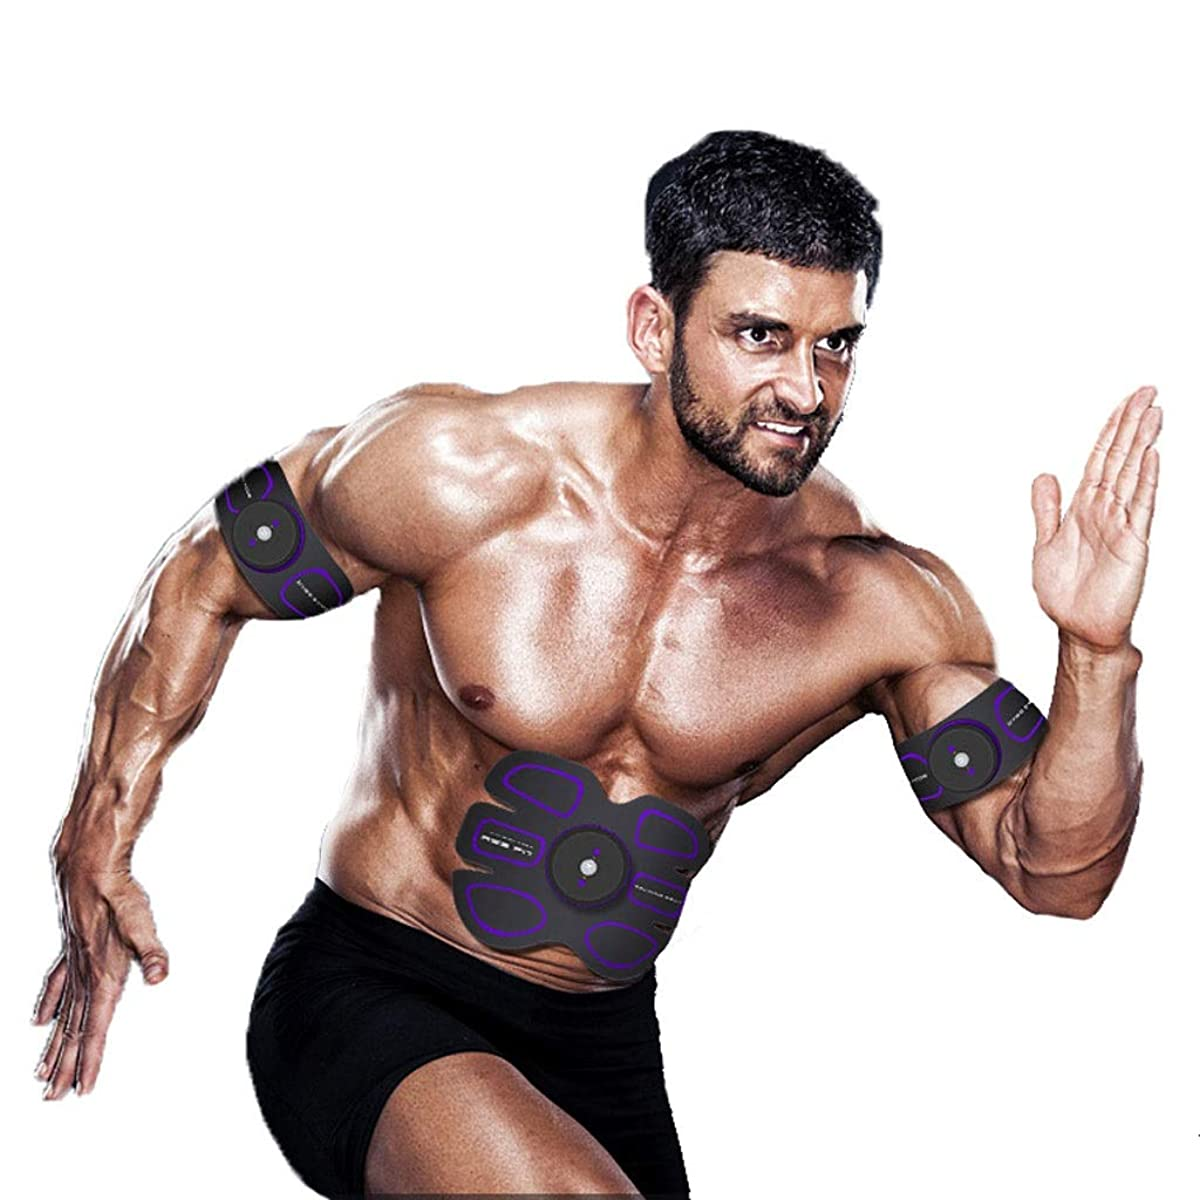 自分自身フレームワーク強大なEMS ABSトレーナー、腹部調色ベルトAbトナーEMSマッスルスティミュレーター、マッスルトナーフィットネストレーニングギア(男性用)女性腹部&アーム&レッグトレーナー